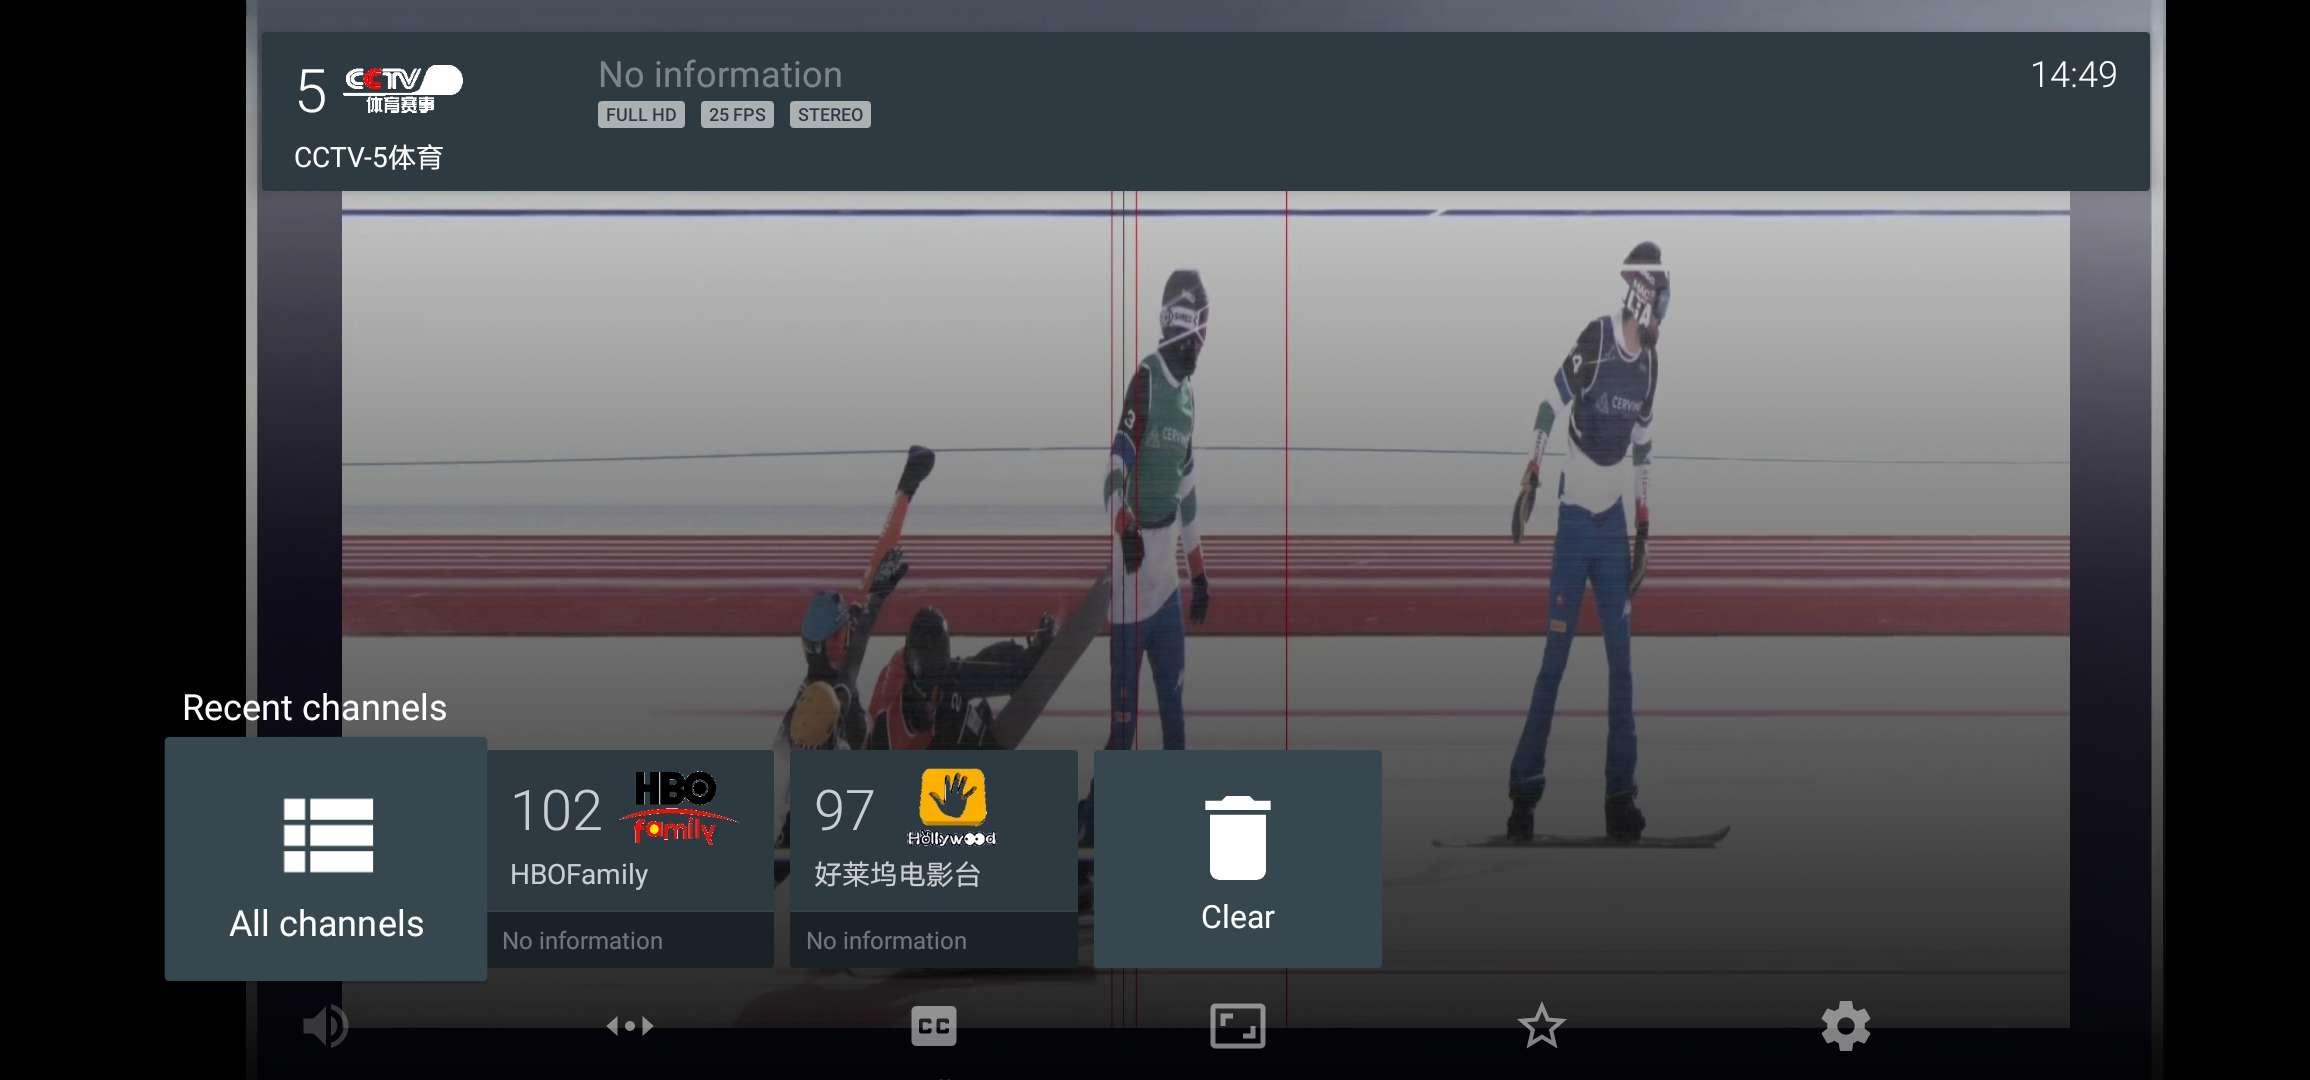 【分享】IPTV  v1.3.4 可观看256个电视直播